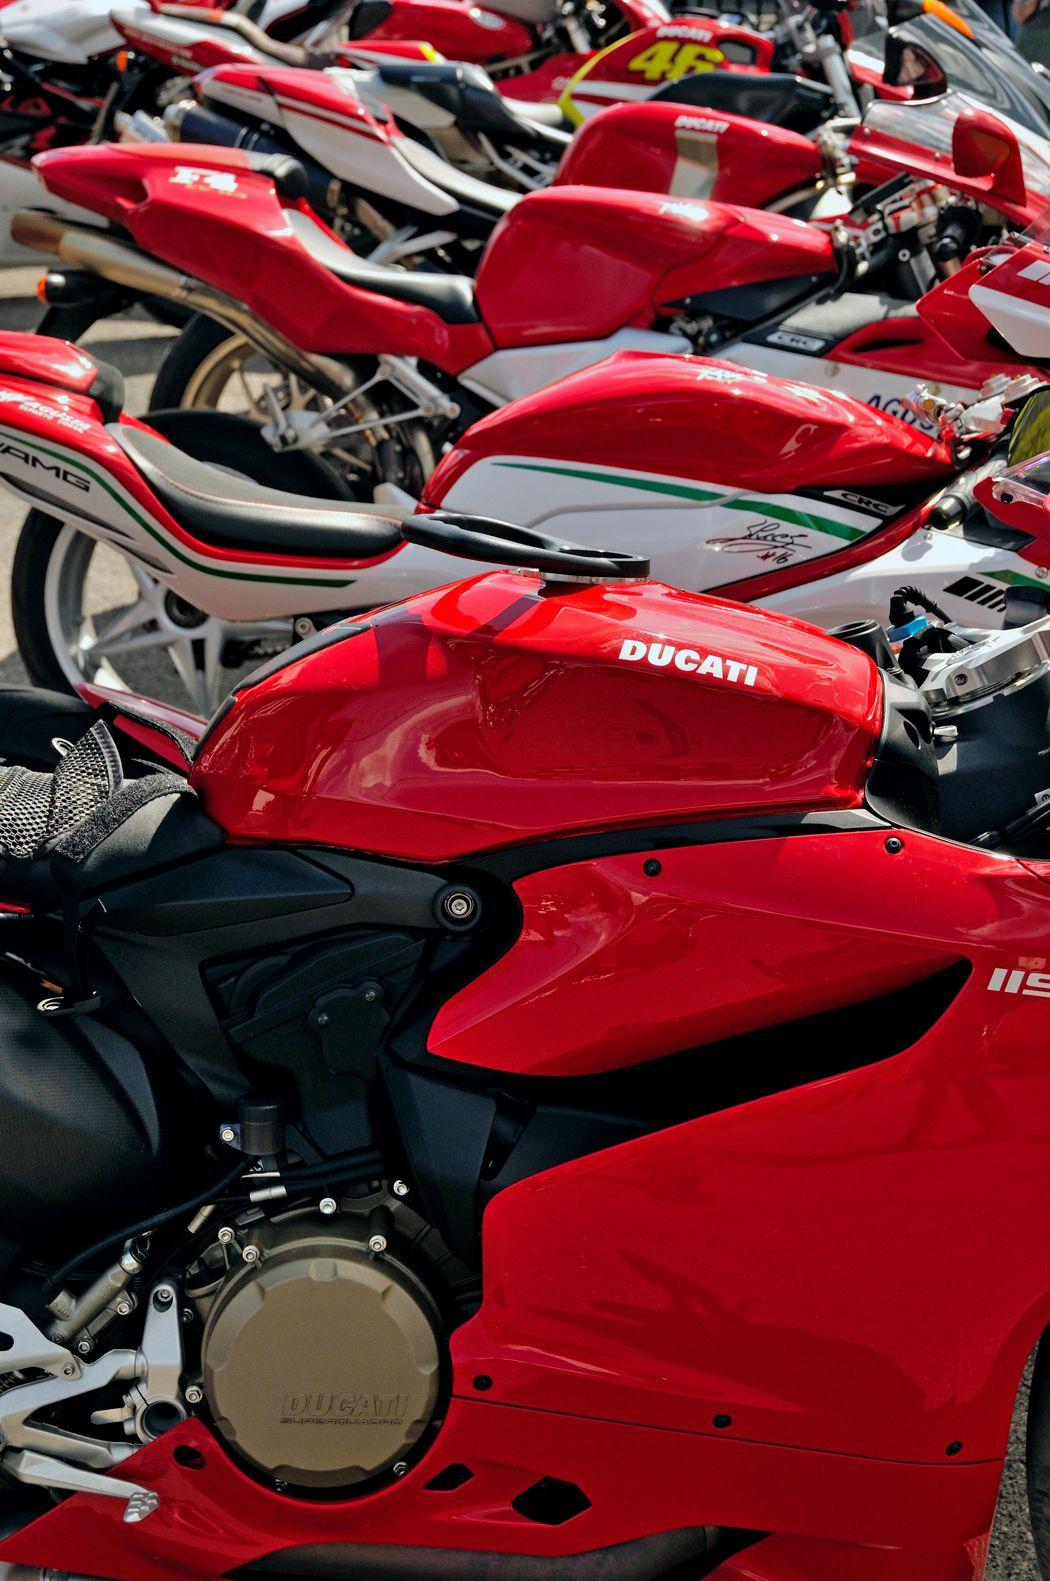 Ducati motor-bikes at Brooklands Surrey.